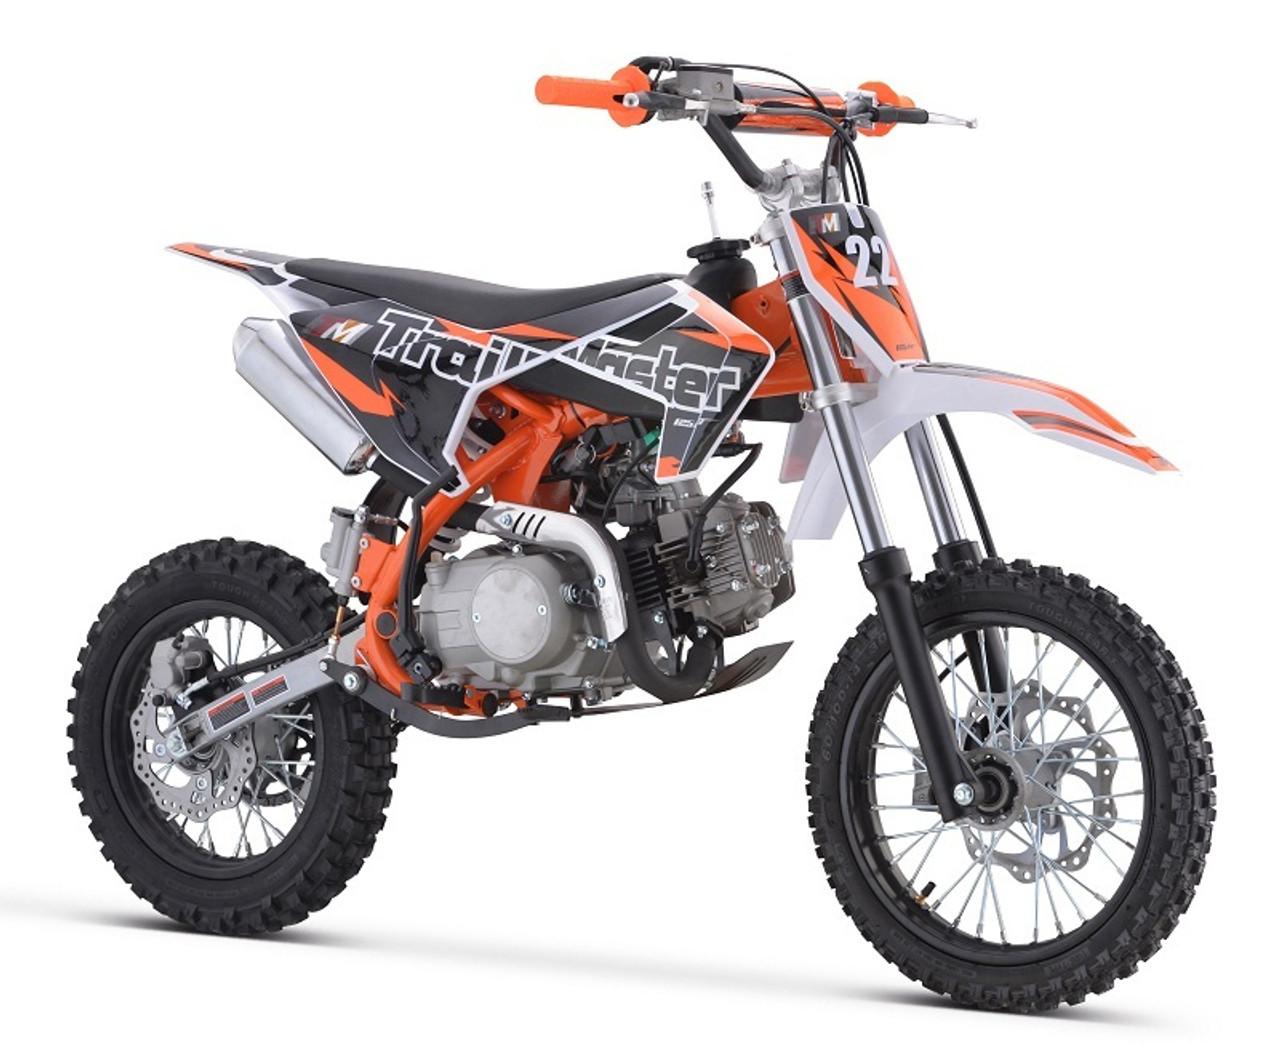 Trailmaster TM22 125cc Dirt Bike, Kick Start Manual Clutch